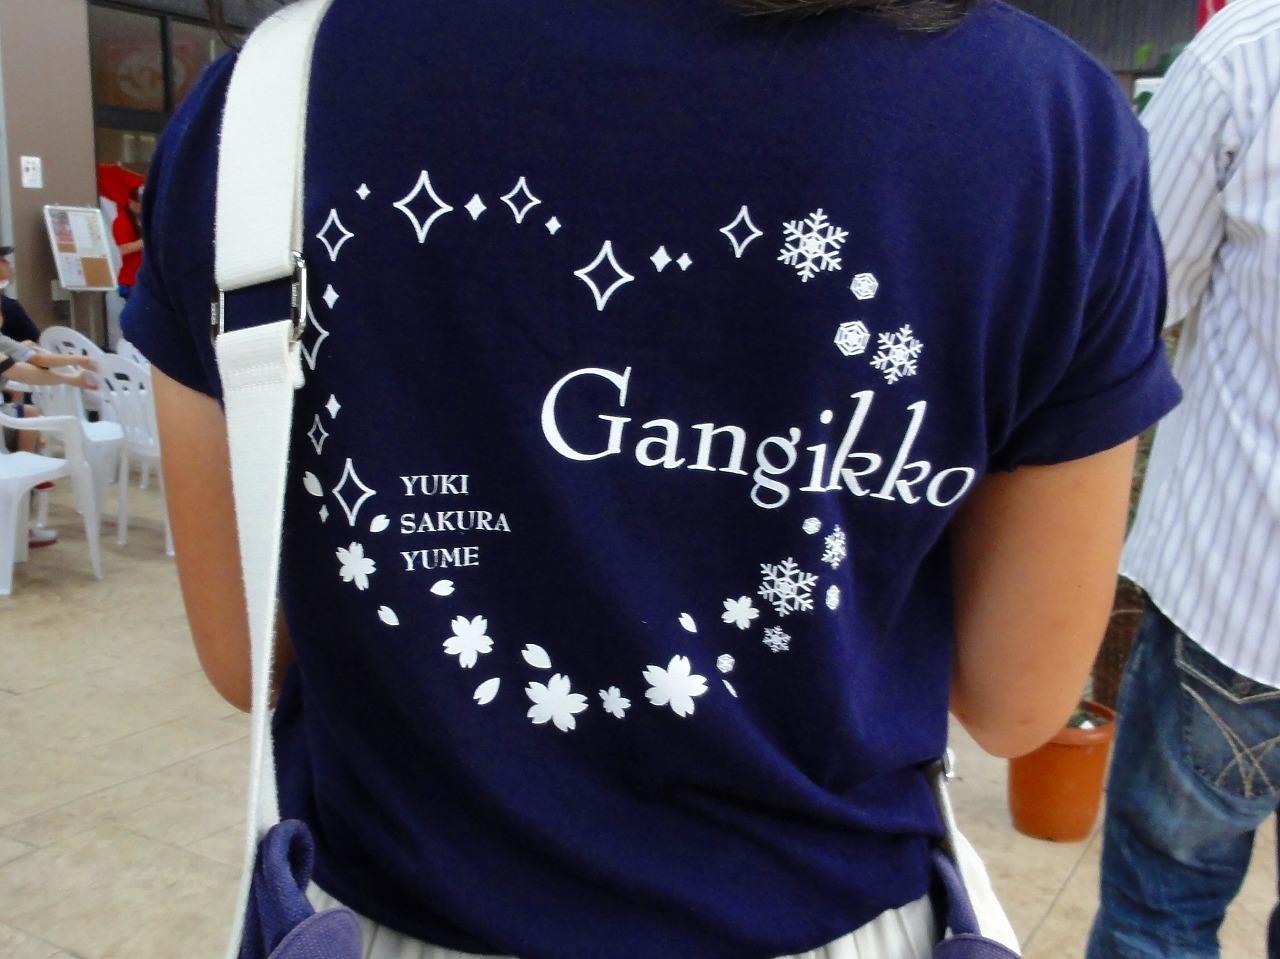 がんぎっこデータオフィシャルTシャツ編_b0163804_00112436.jpg